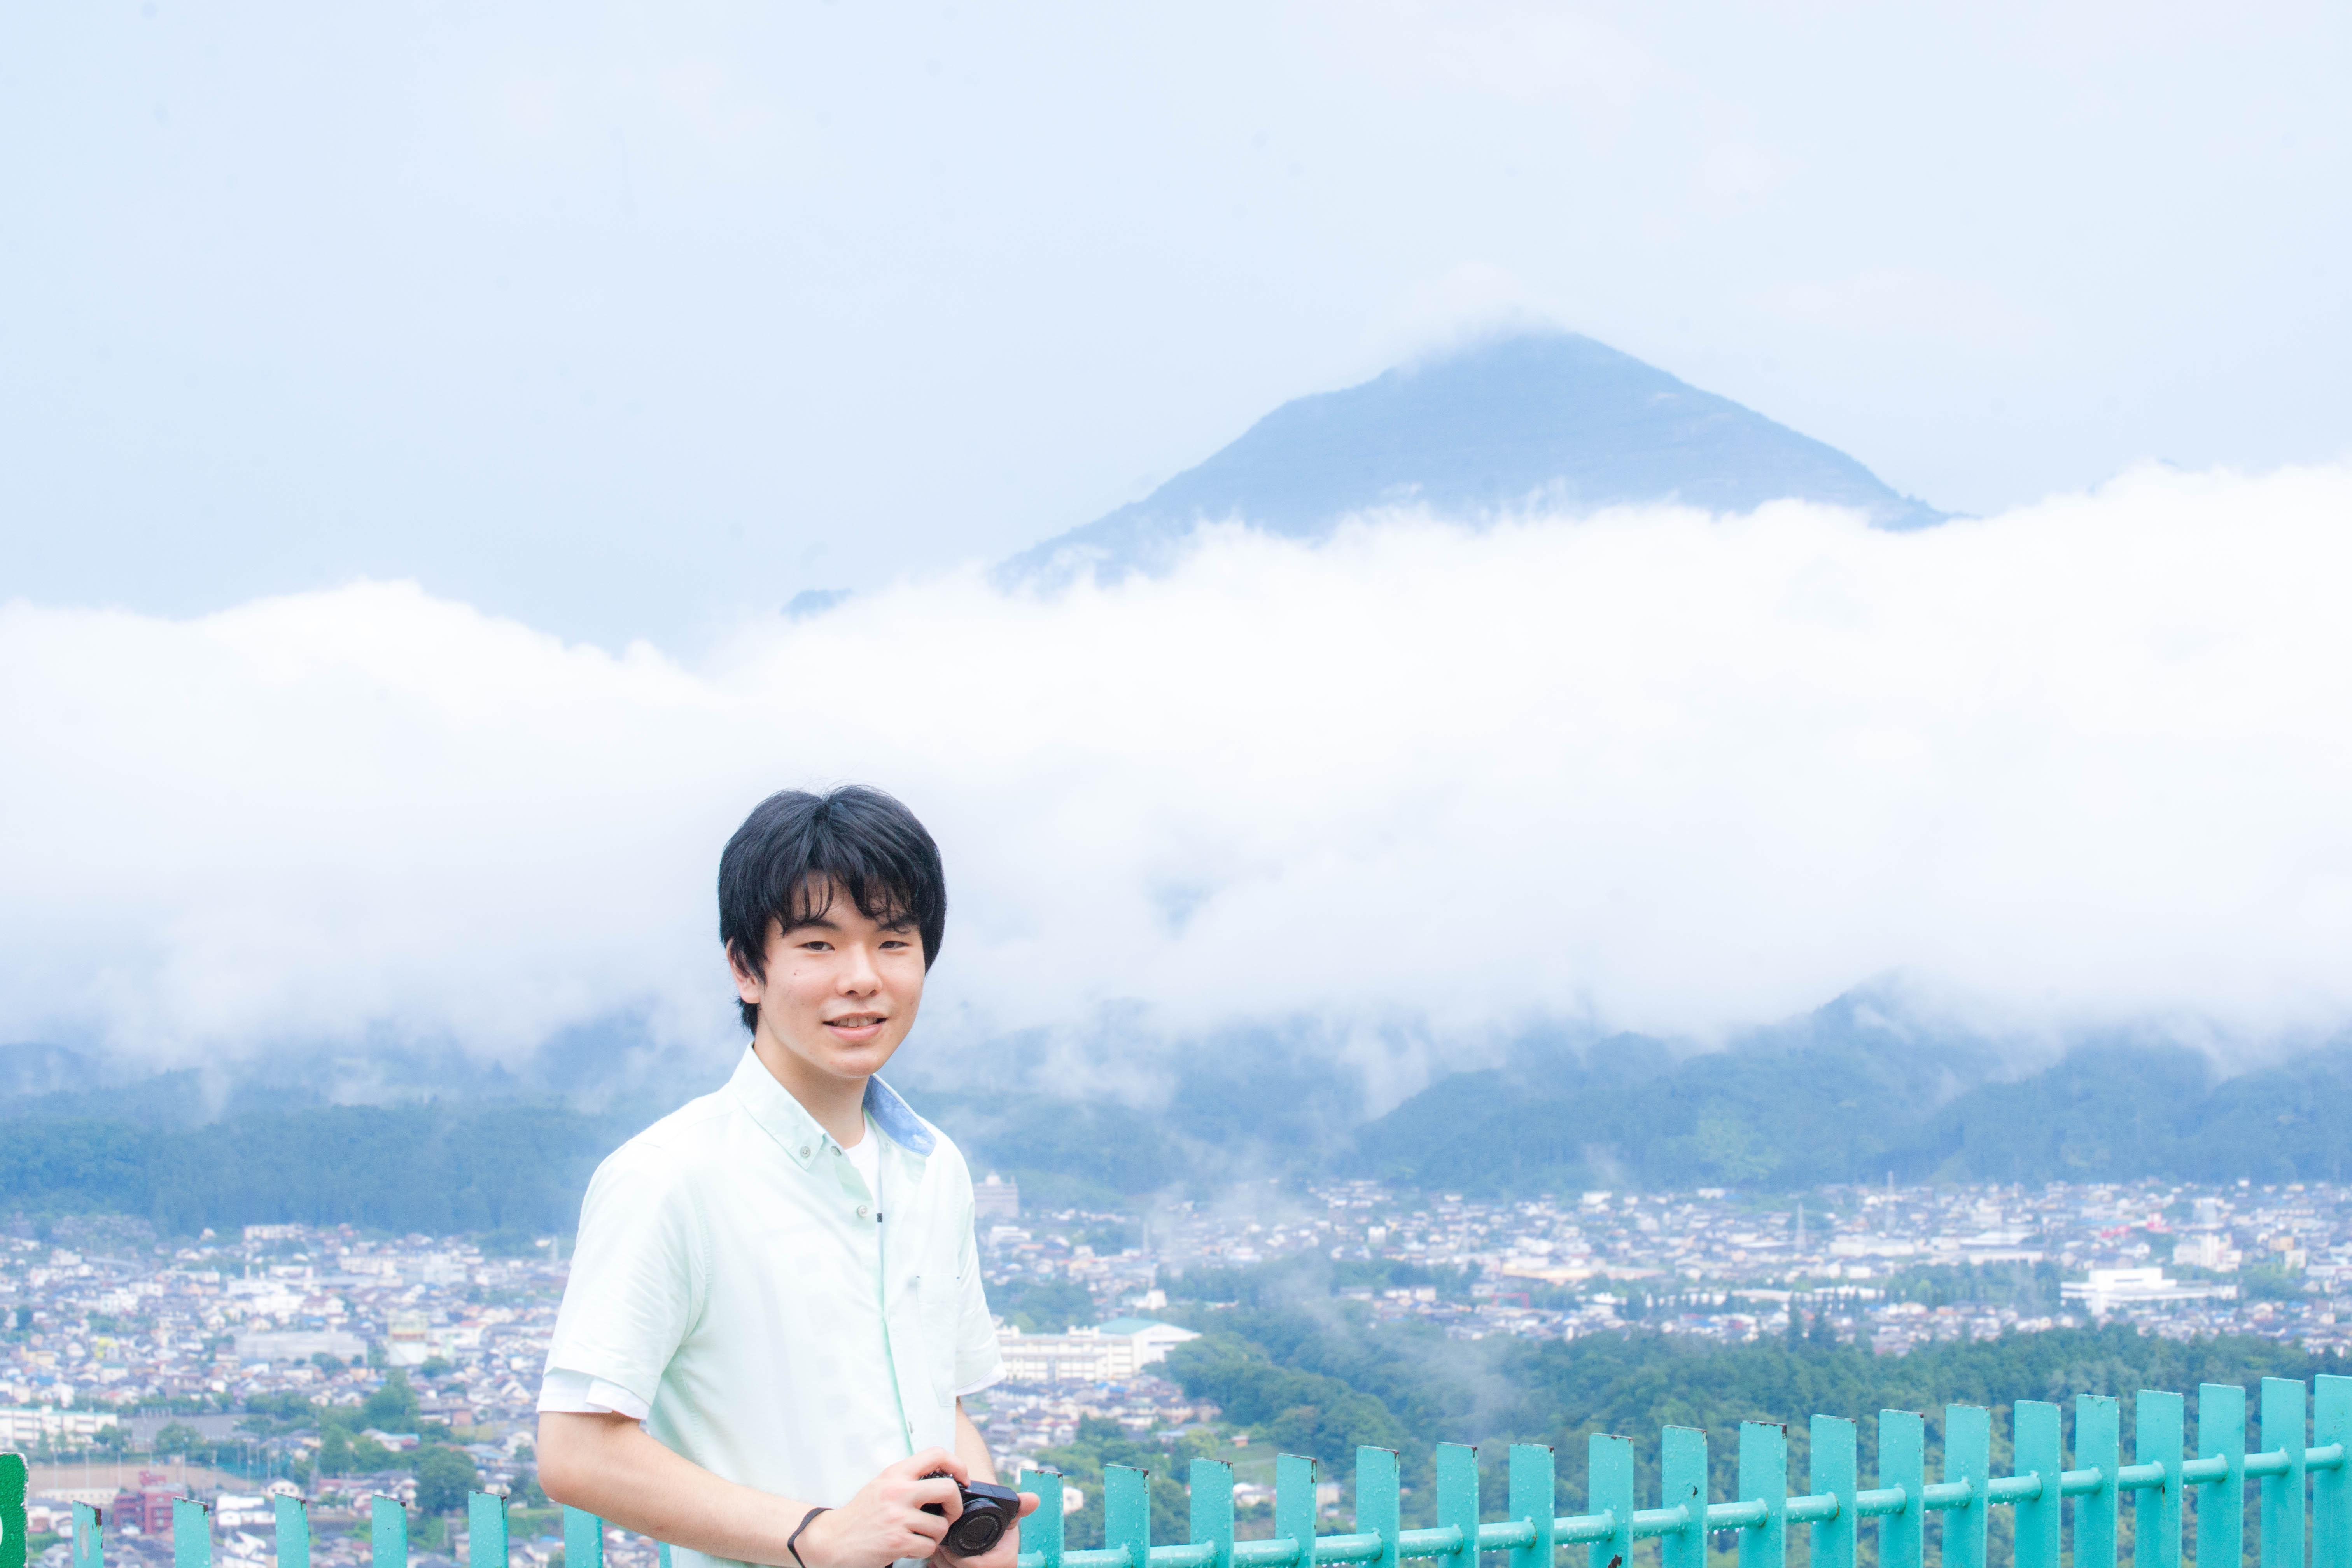 雲海ブームの火付け役、たなけんこと田中健太さん